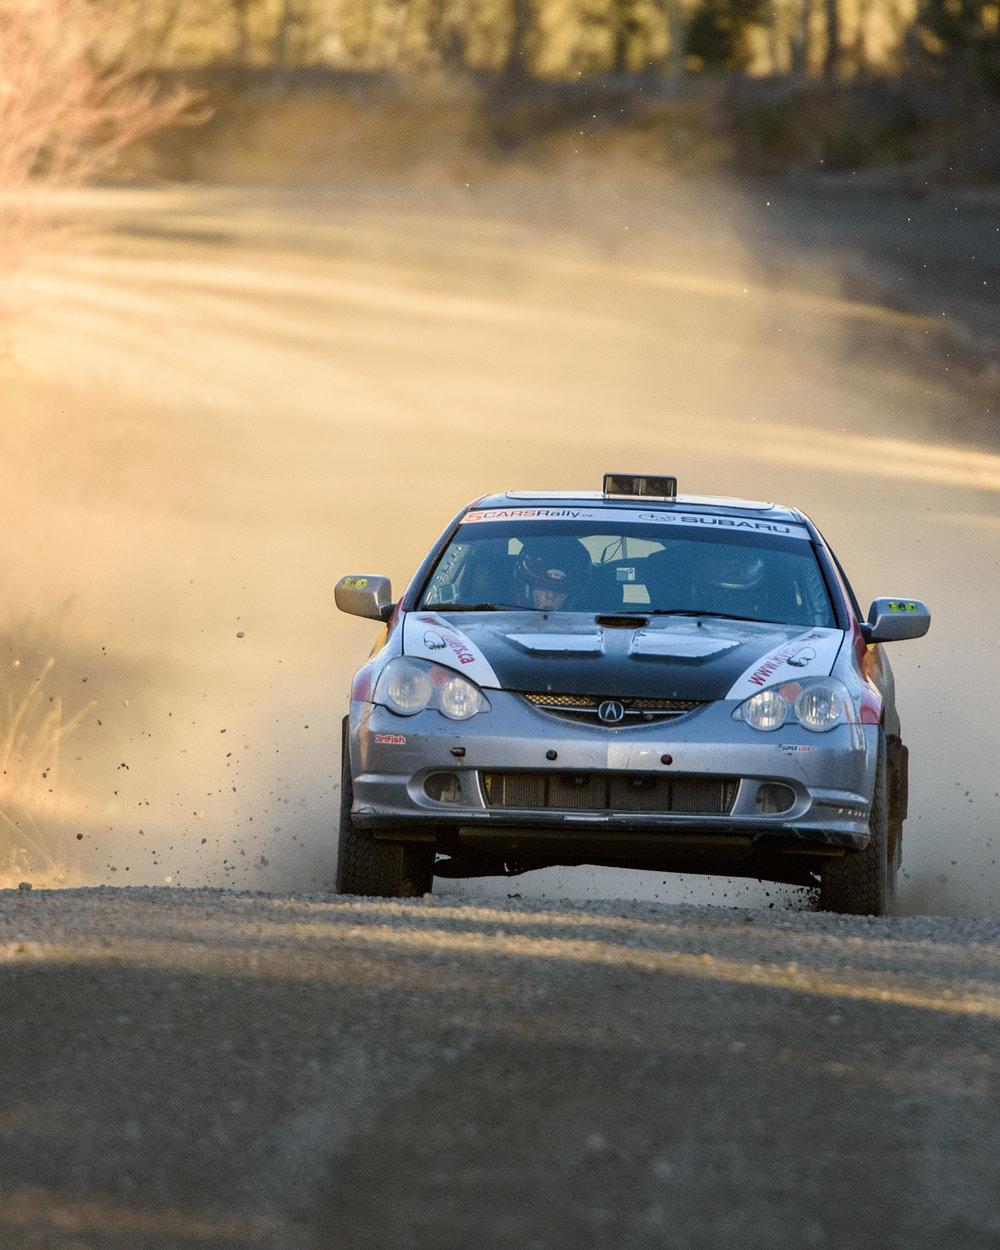 20161106 Kannanaskis Rally Mawji 0083.jpg